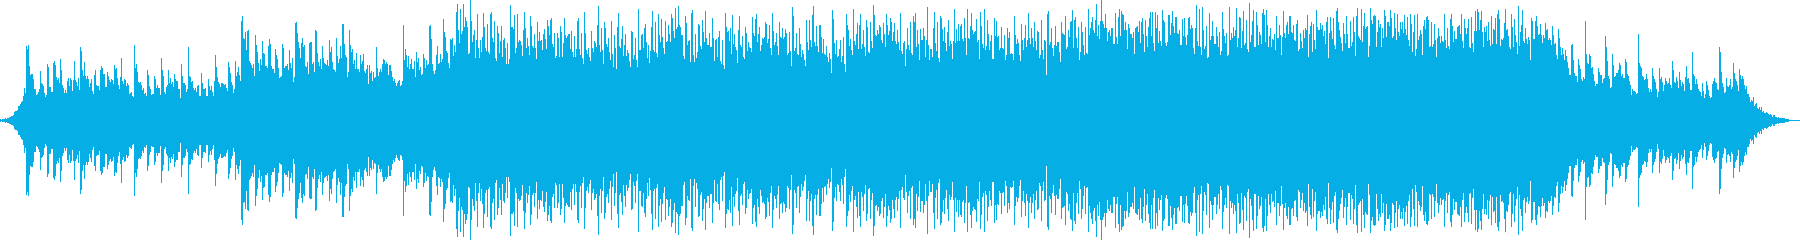 ワールド 民族 現代的 交響曲 モ...の再生済みの波形